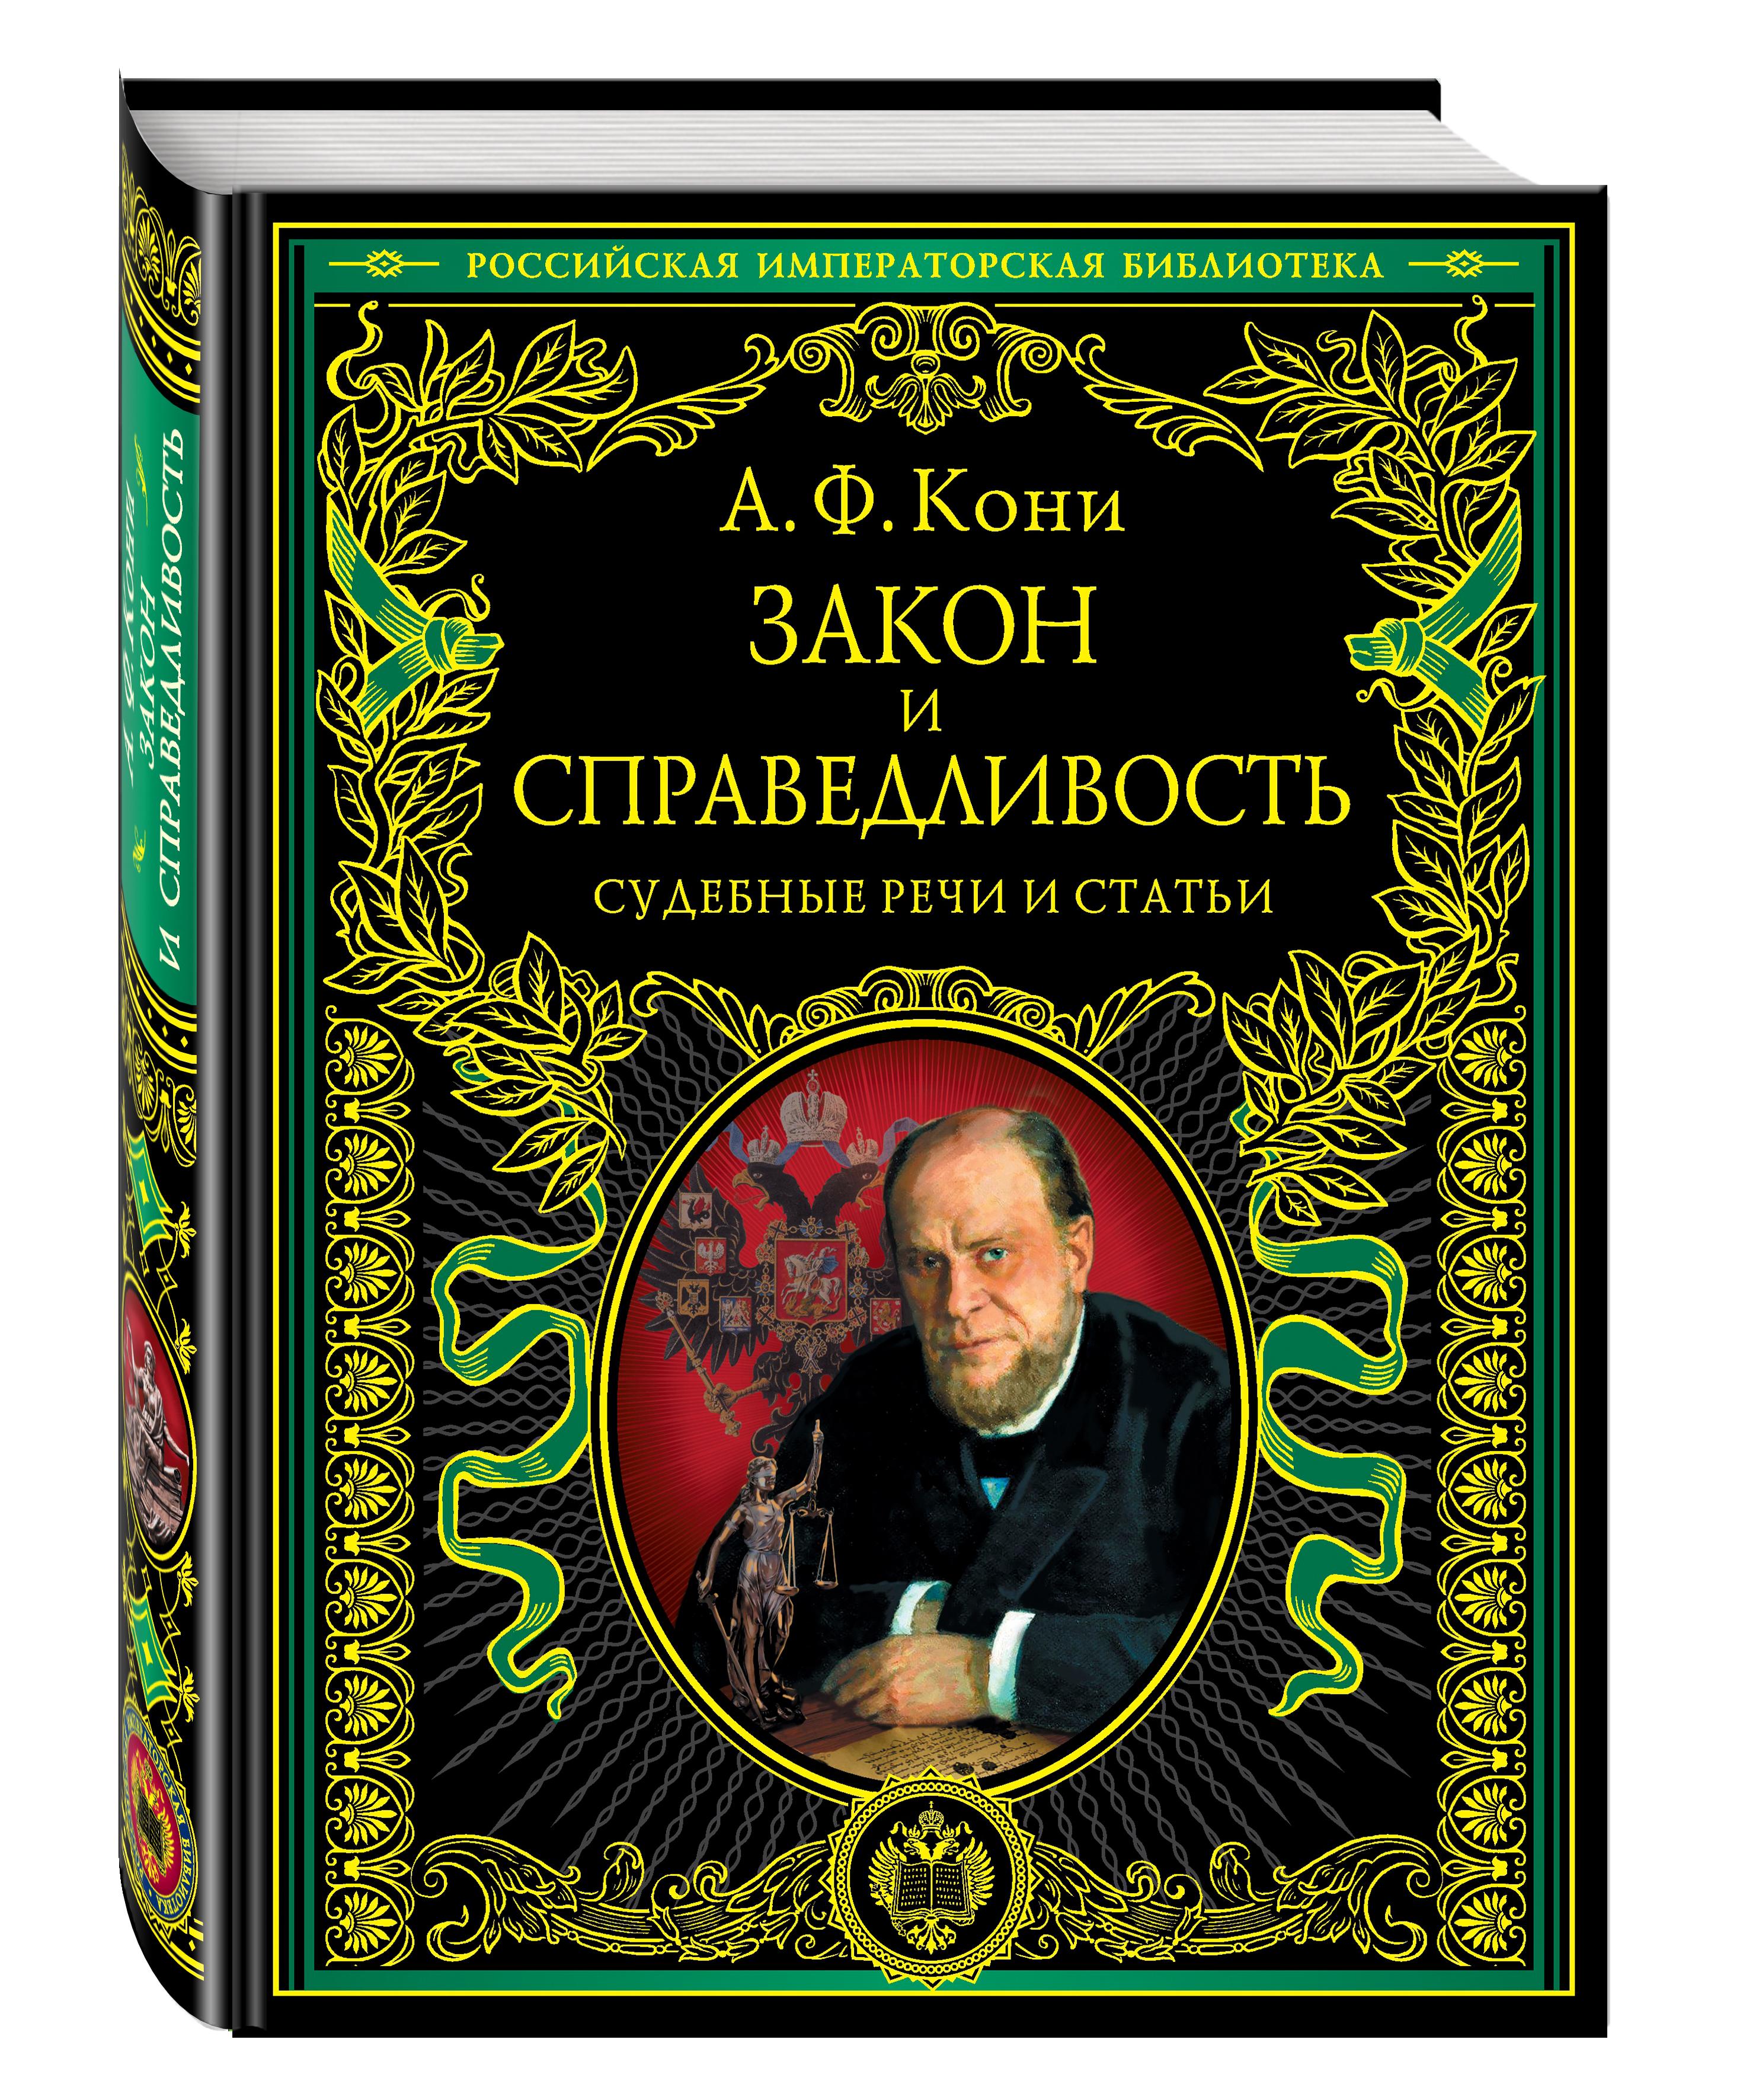 Кони А.Ф. Закон и справедливость. Статьи и речи амортизаторы кони 8240 1215 в москве